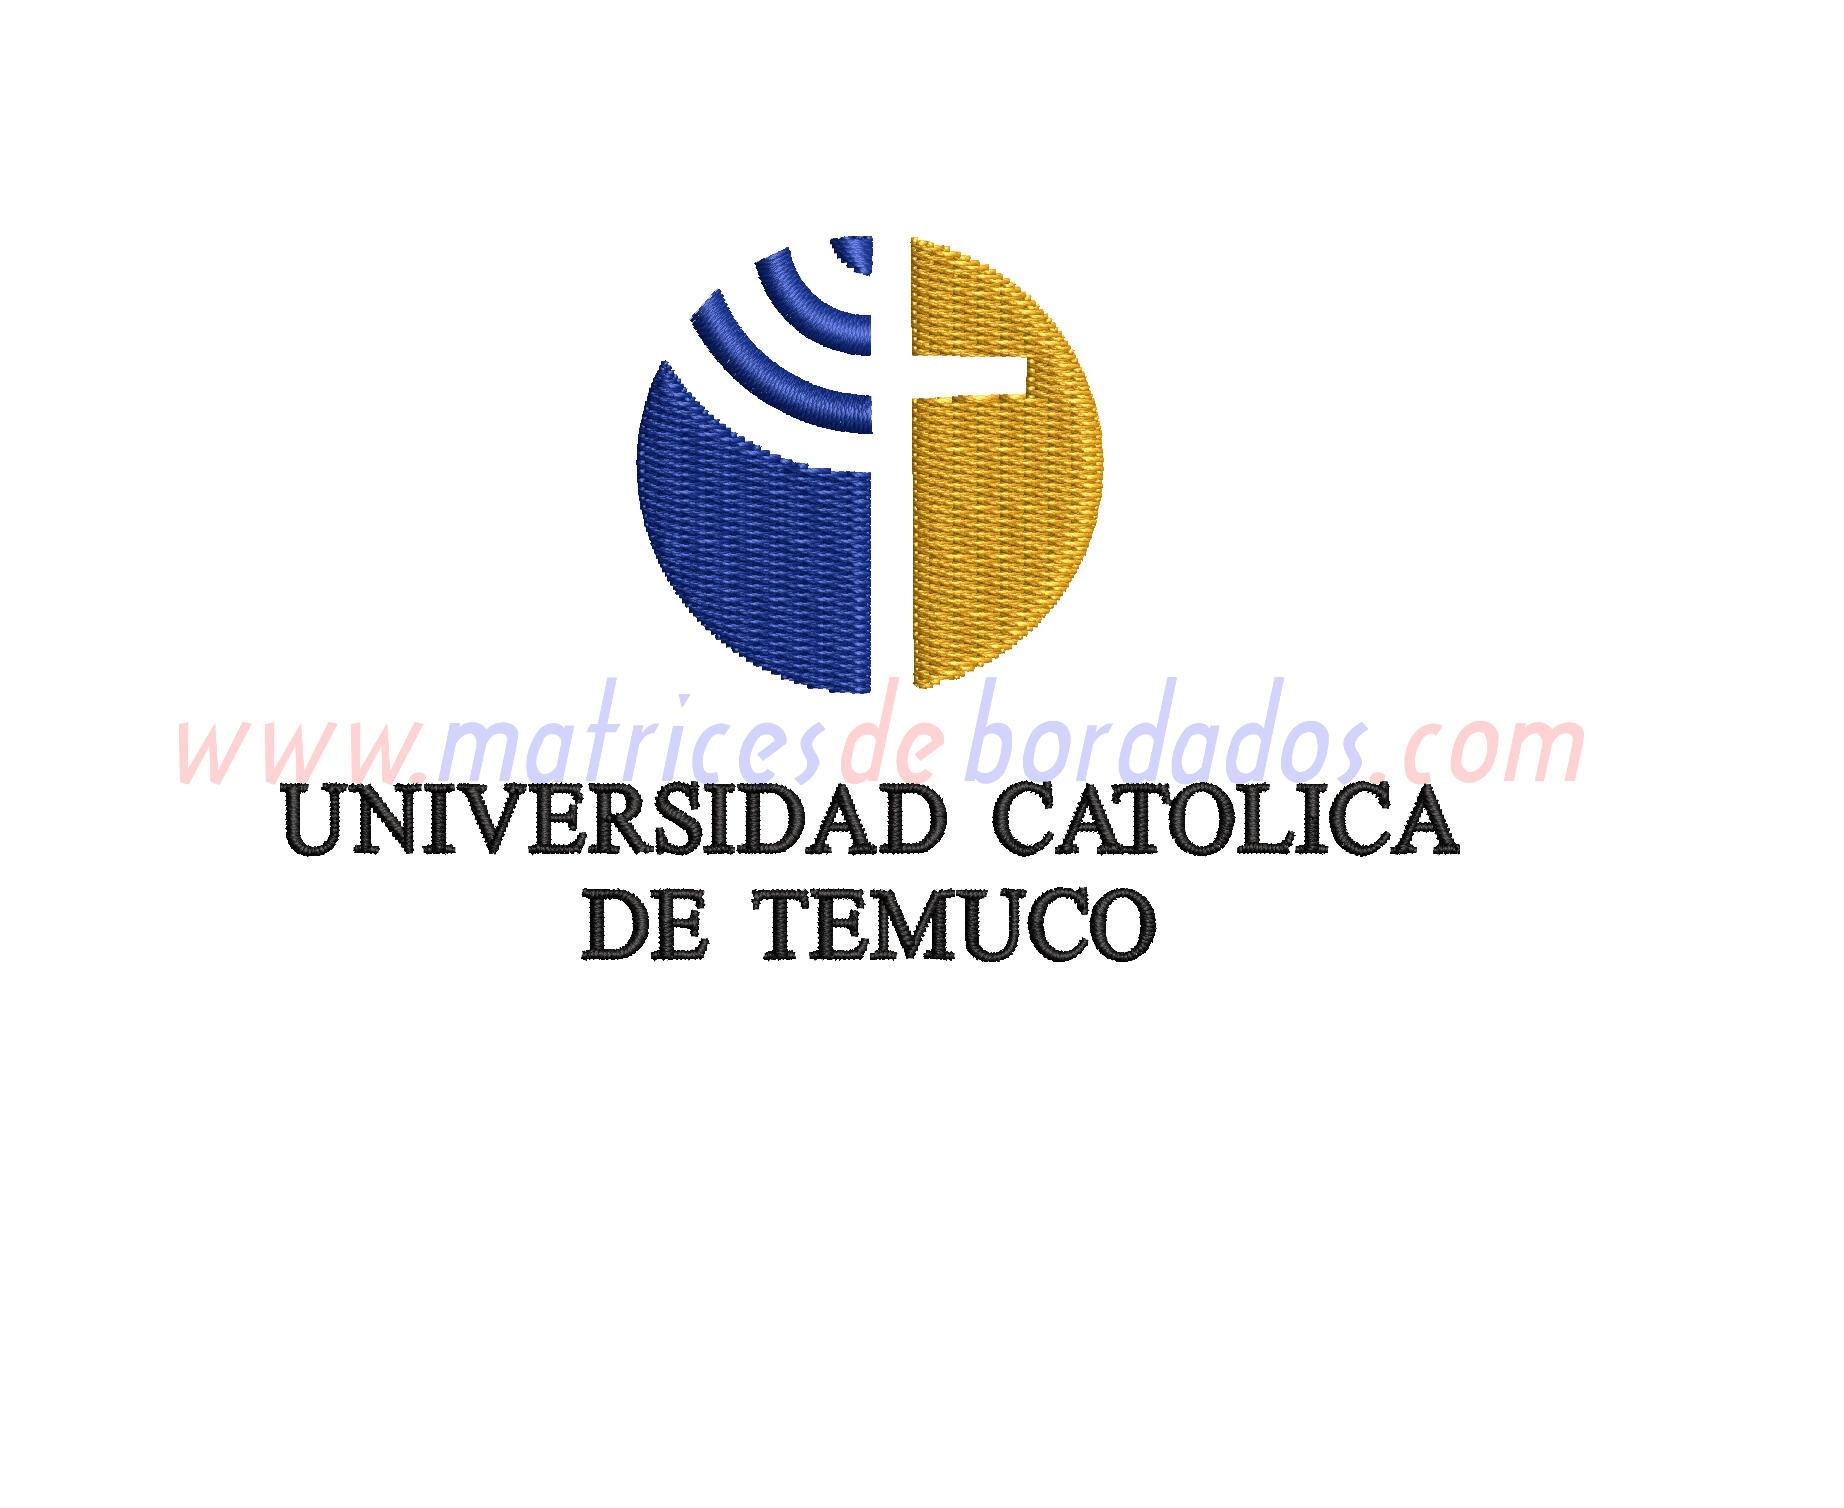 KL87KR - Universidad Católica de Temuco